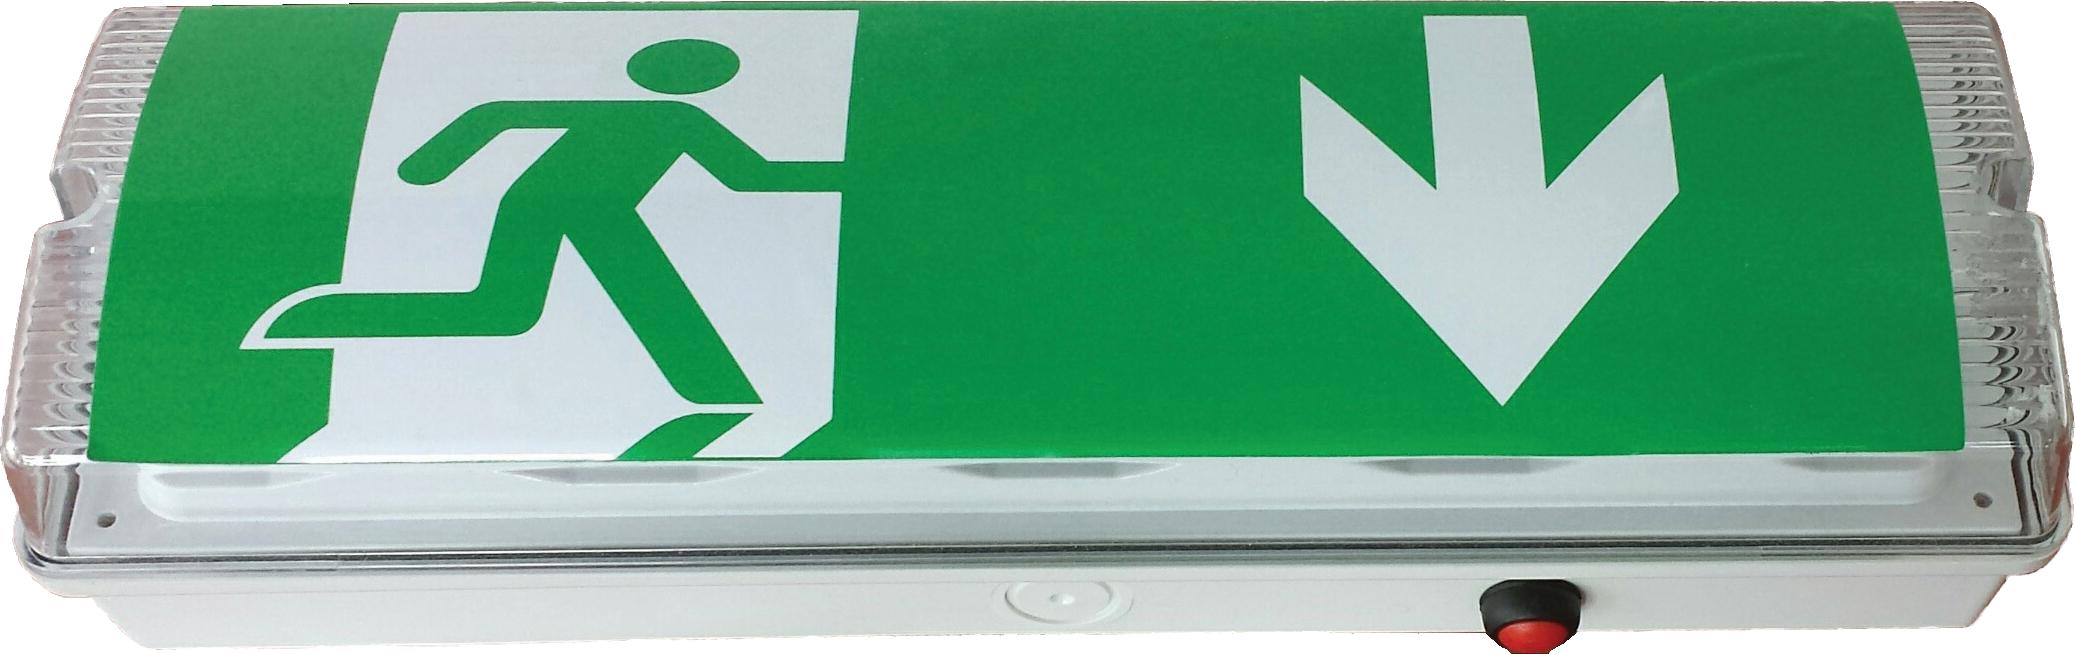 LED-Notleuchte 3W (Anbau) mit Autotest 3h oder 8h-Notlicht